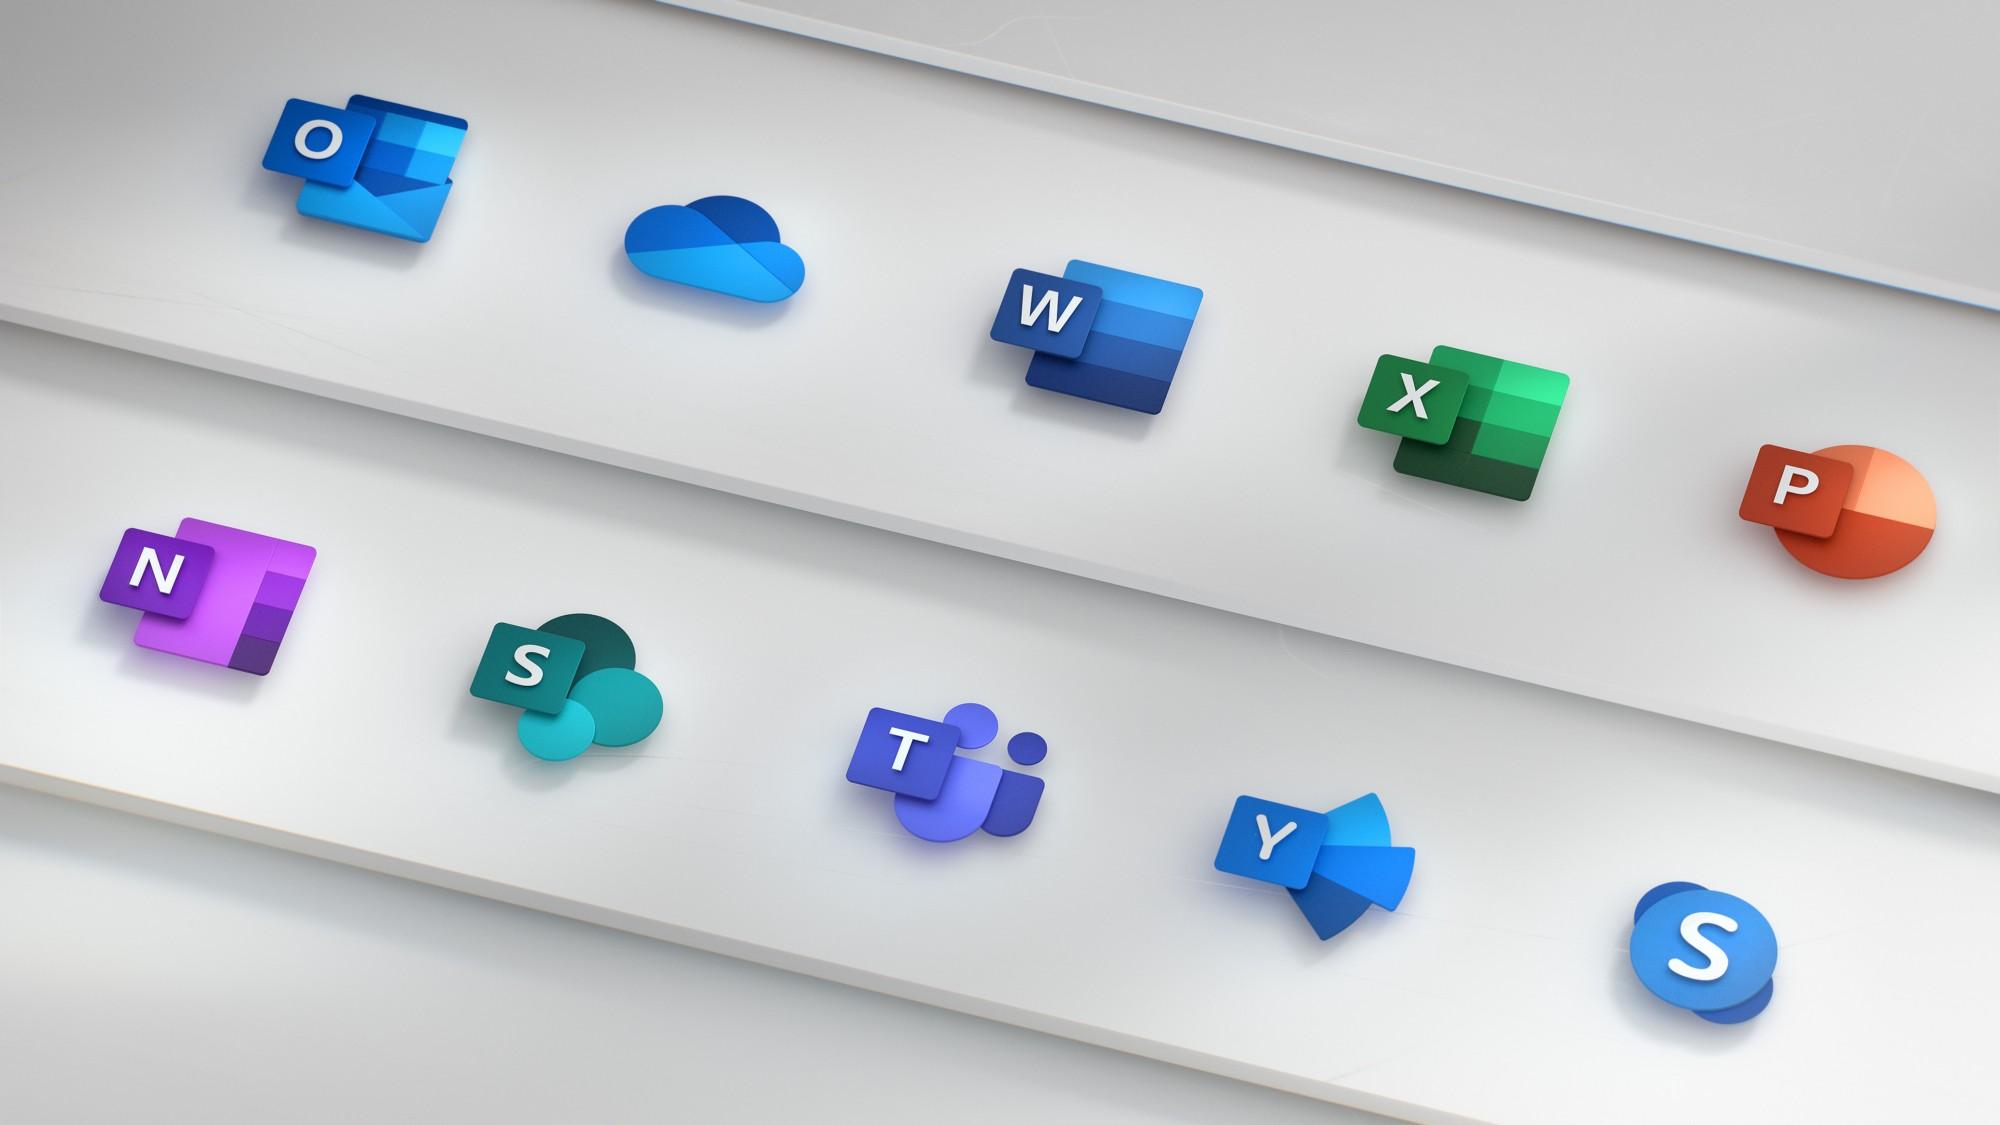 下面那些 icon 中,你認的出分別代表哪些程式嗎?